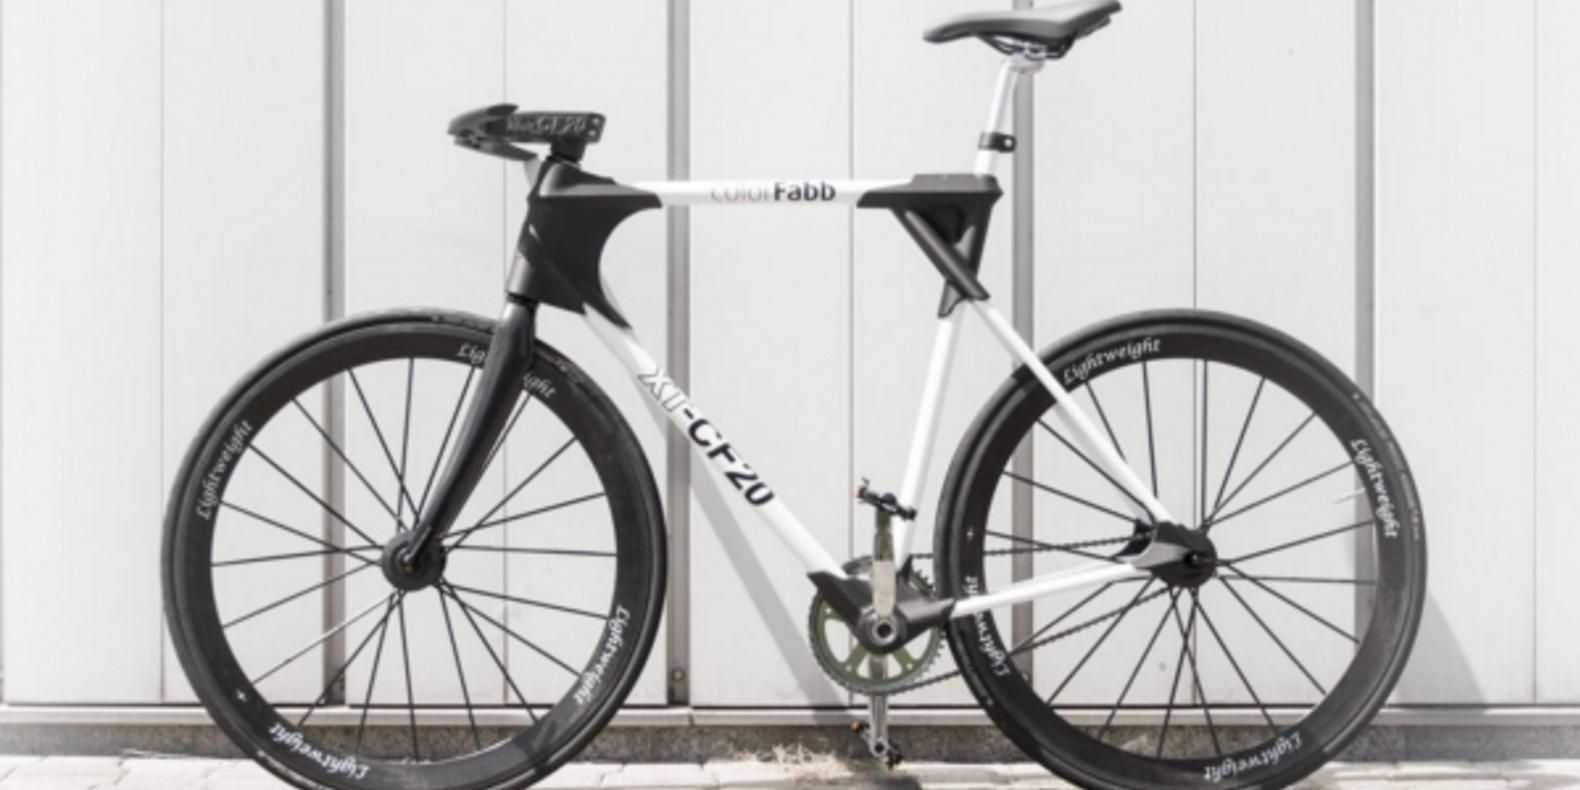 http://fichier3d.fr/wp-content/uploads/2016/06/colorfabb-carbon-XT-CF20-filament-bike-velo-3D-printed-impression-3D-cults-fichier-3D-1.png